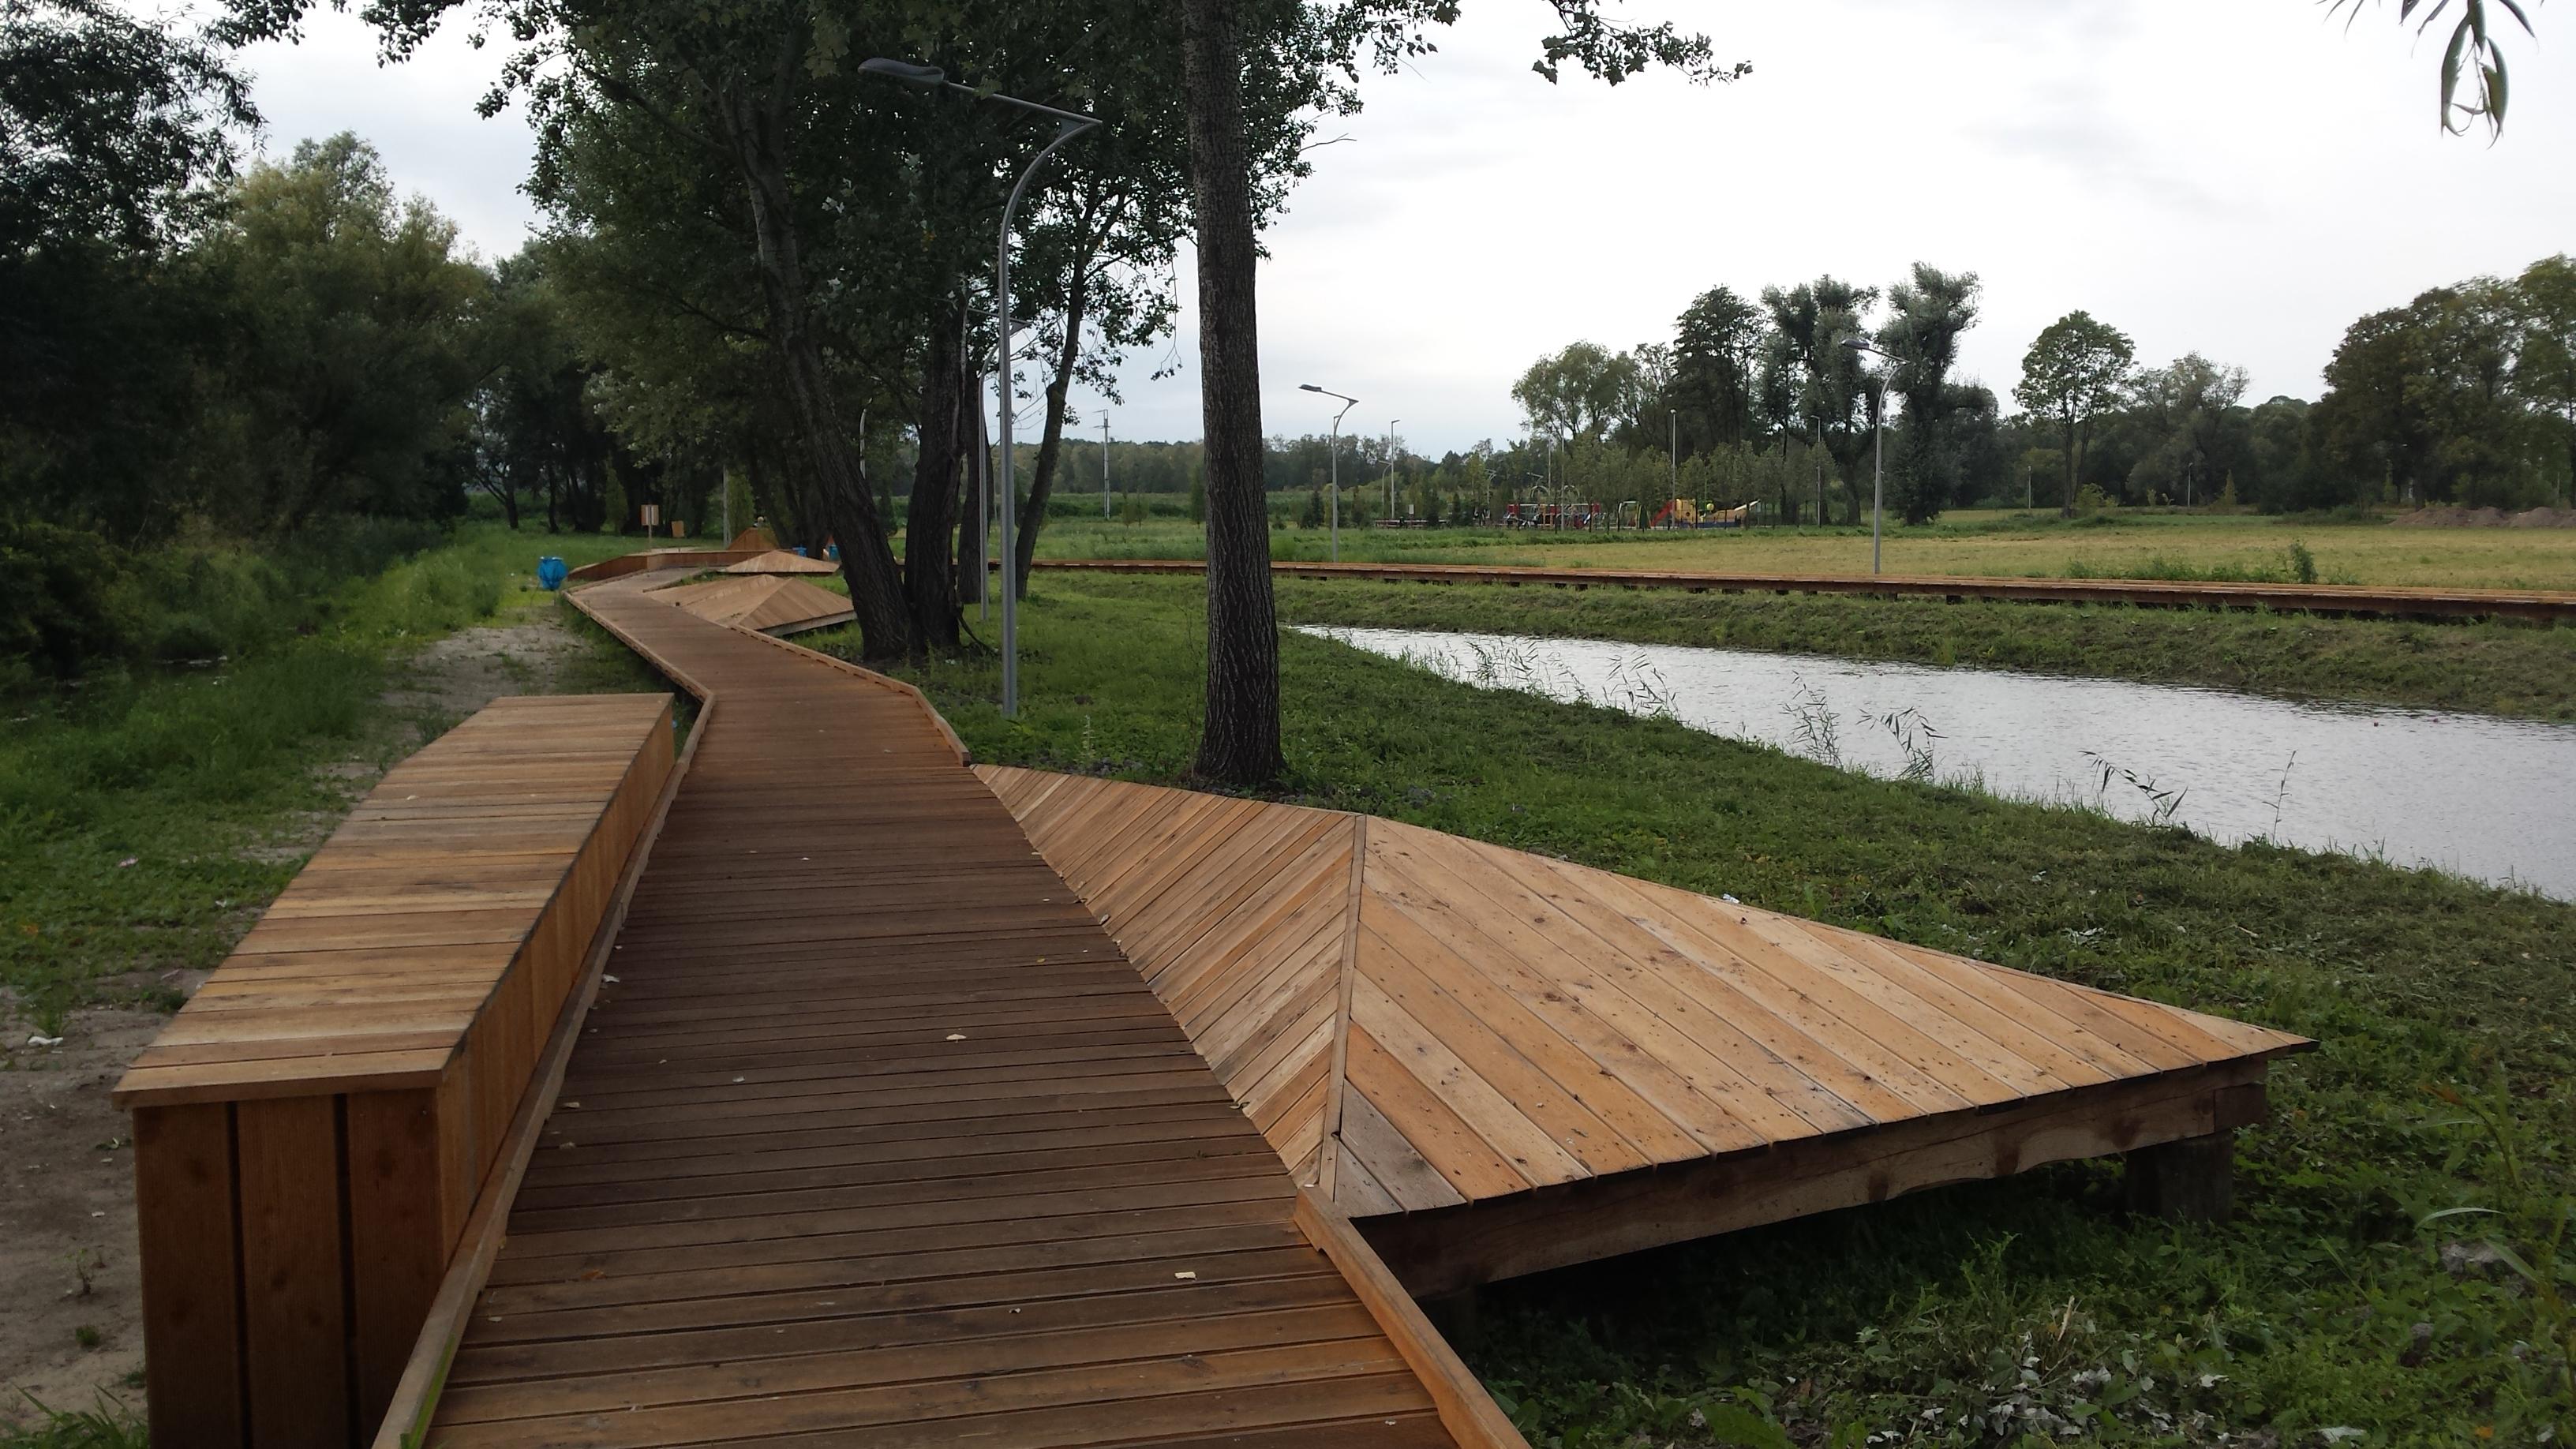 Mała architektura i zieleń wzdłuż rzeki Tarczynki w Drozdach